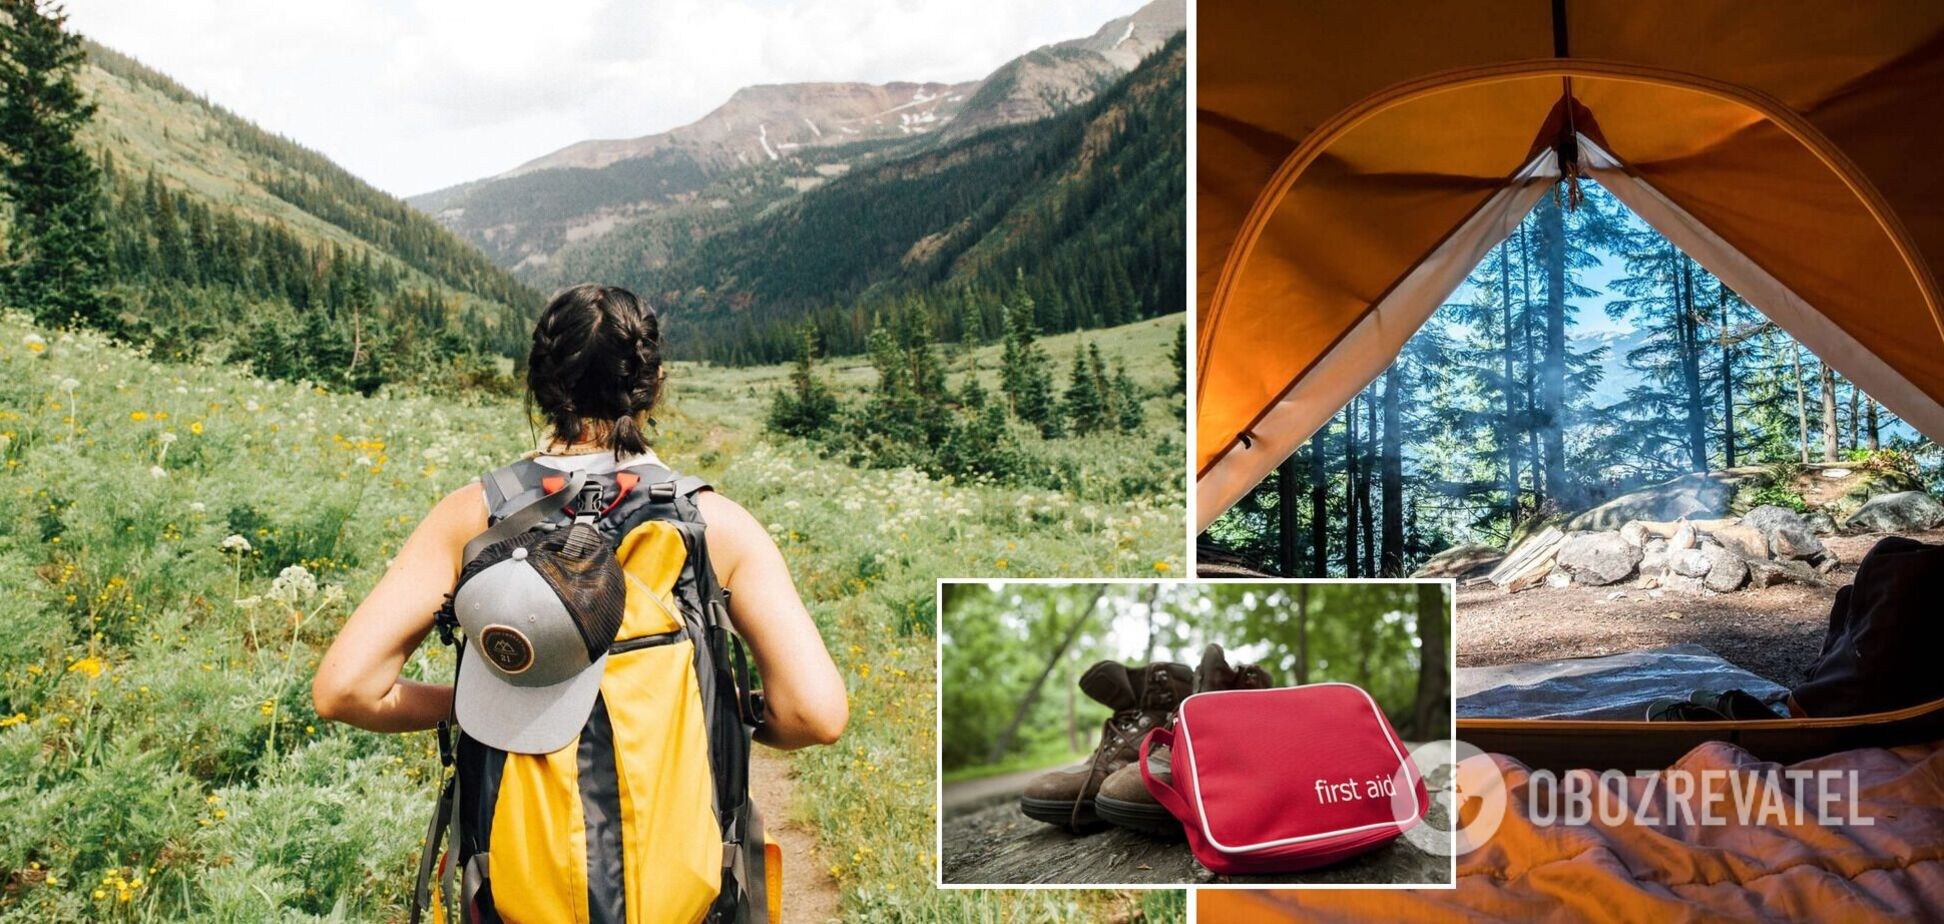 Как собрать идеальную аптечку для отпуска или похода в горы: важные советы